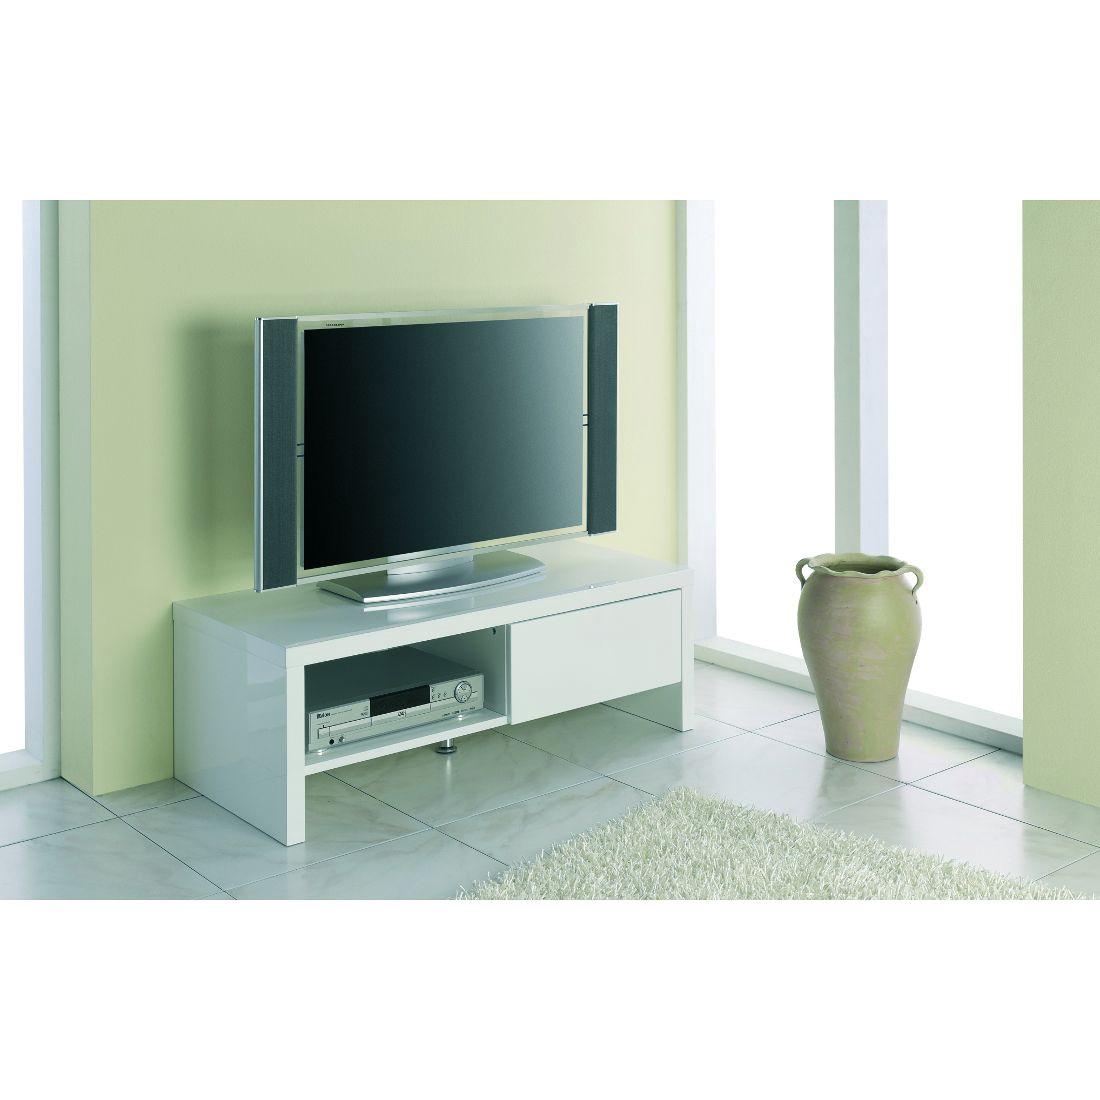 TV-Rack Astro – Weiß, Home Design günstig bestellen